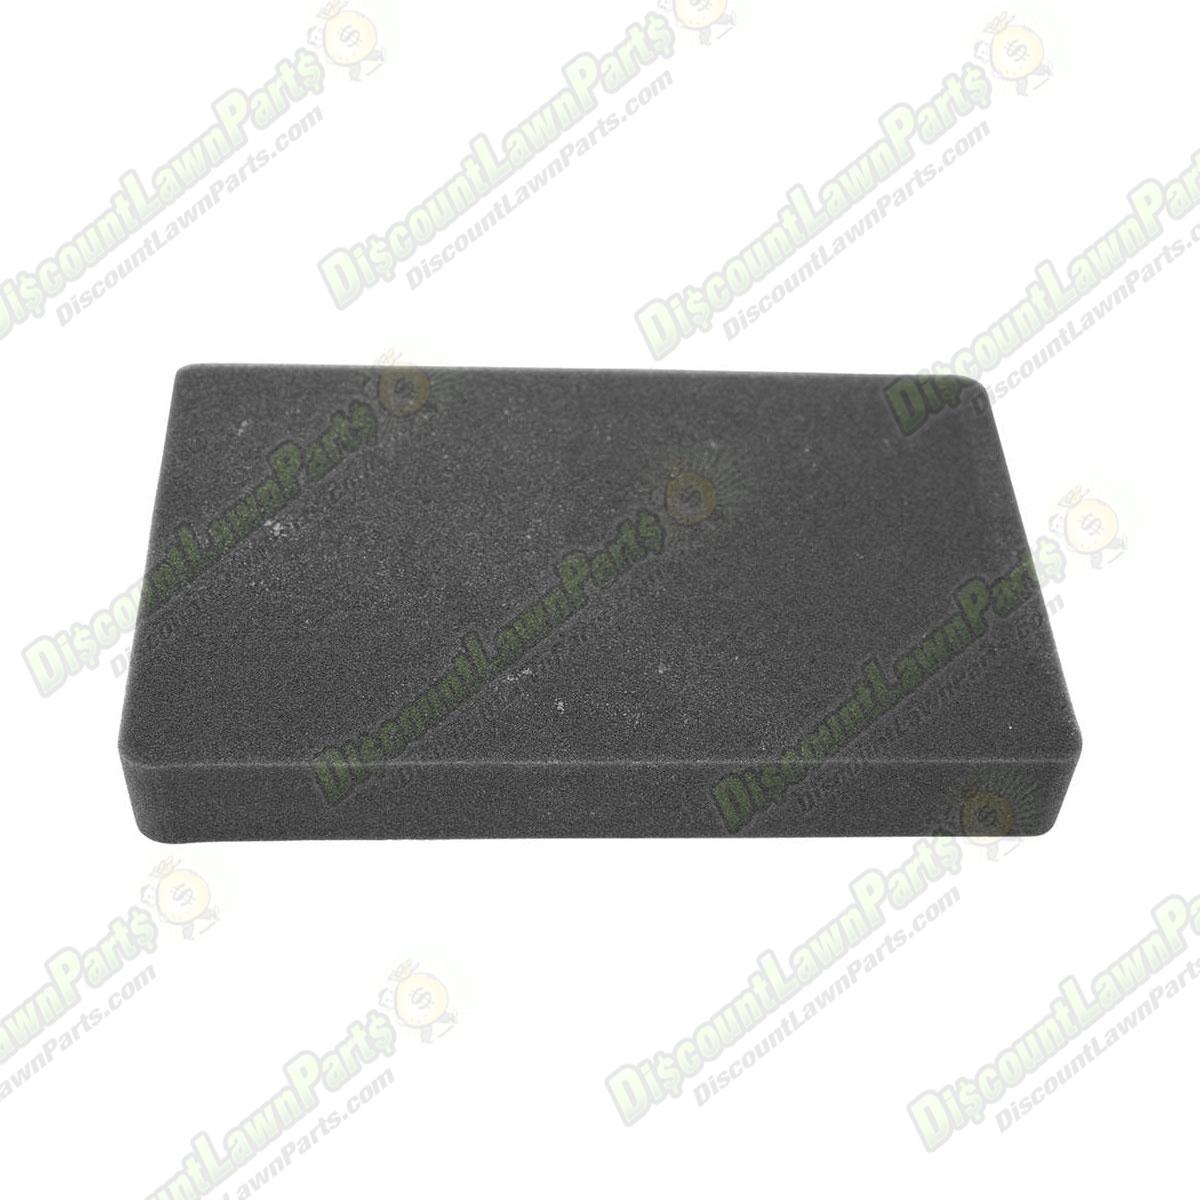 auger assembly rh 1740741bjyp. Black Bedroom Furniture Sets. Home Design Ideas